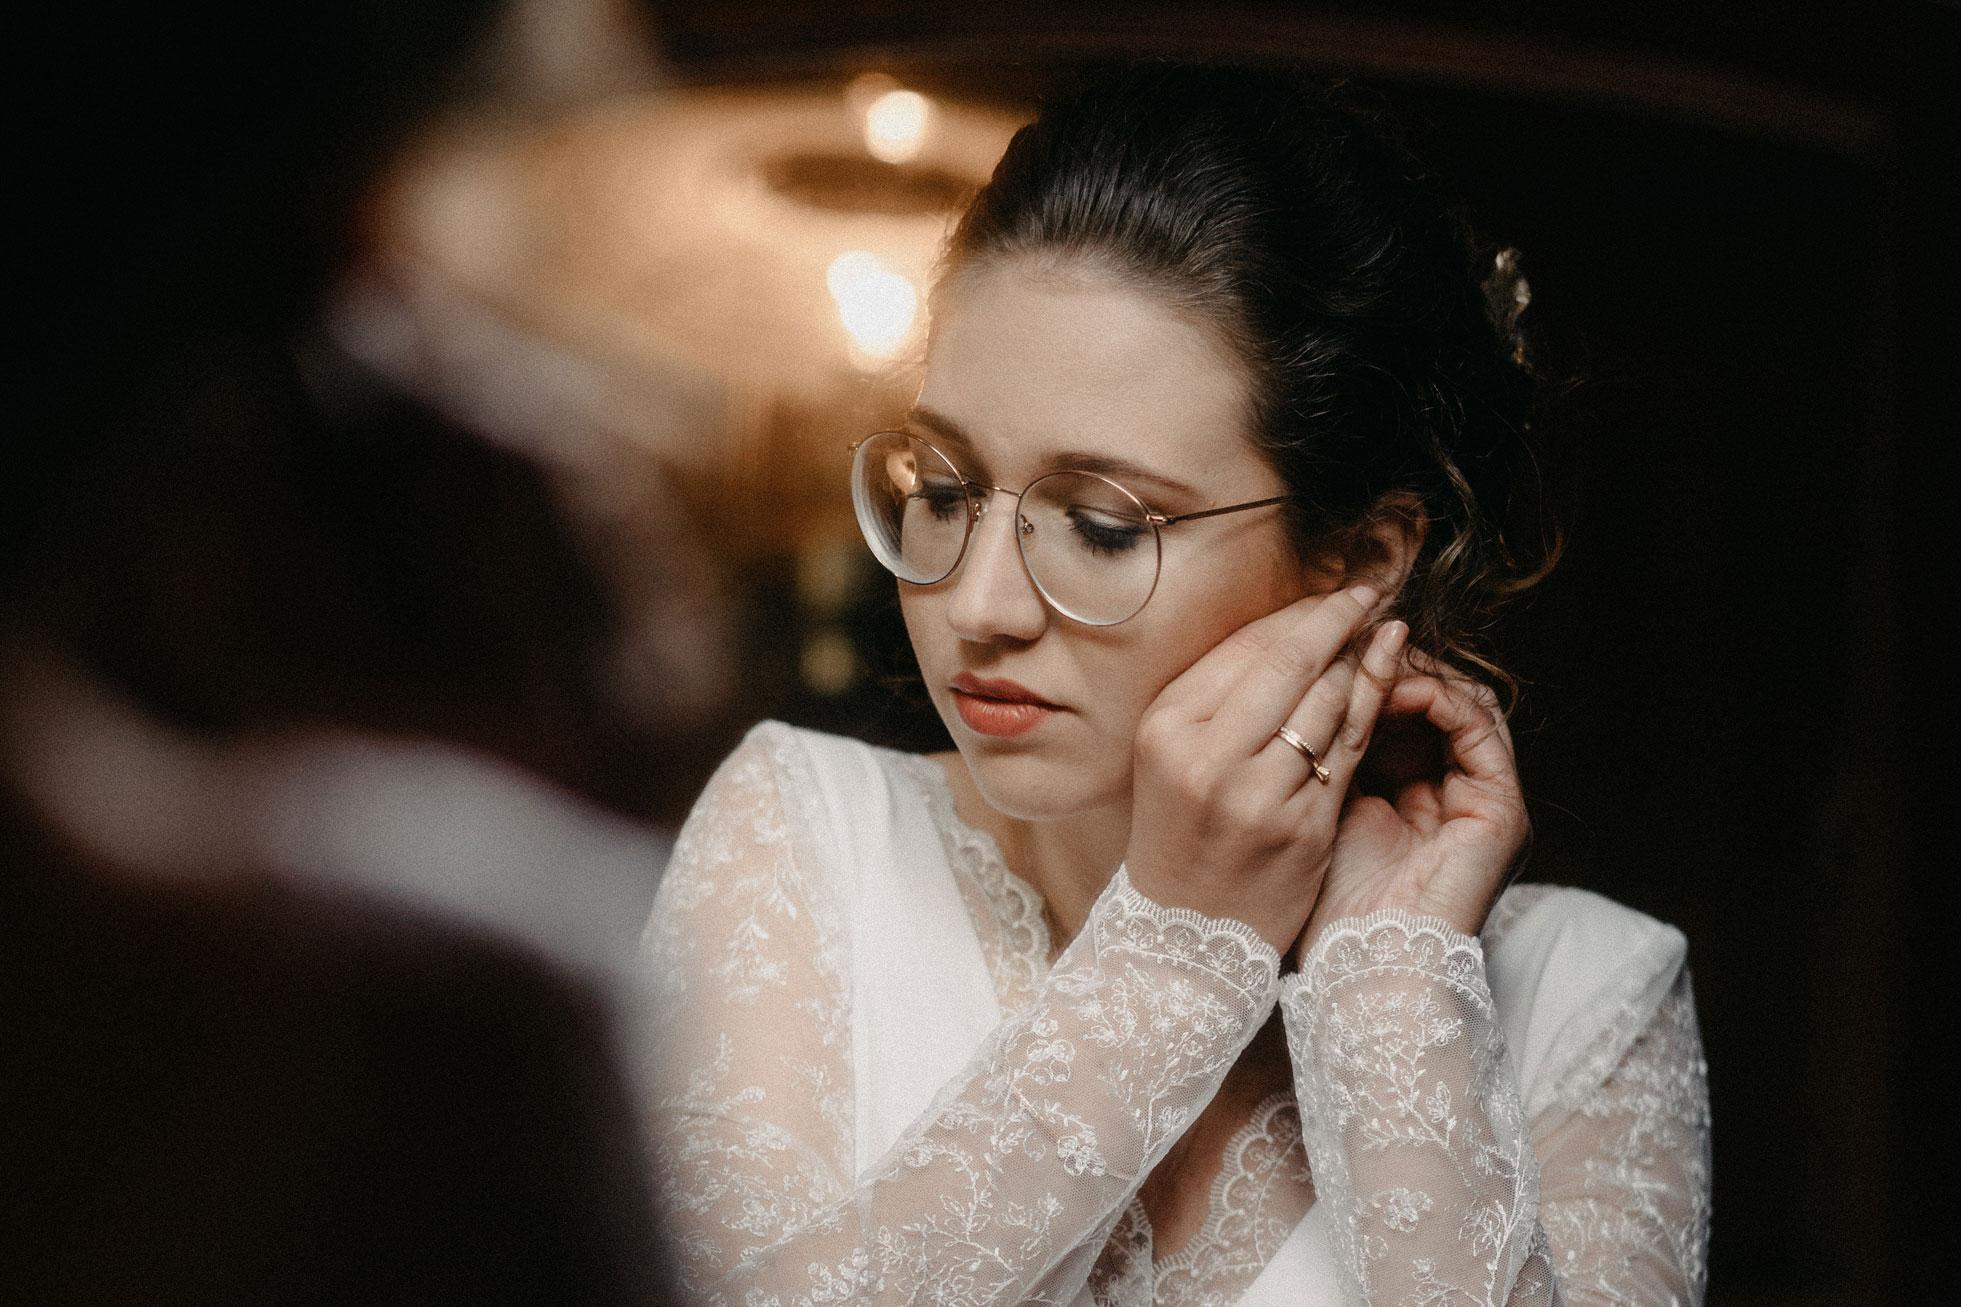 Hochzeit_Claire_Manuel_Villa_Maund_Daniel_Jenny-102.jpg